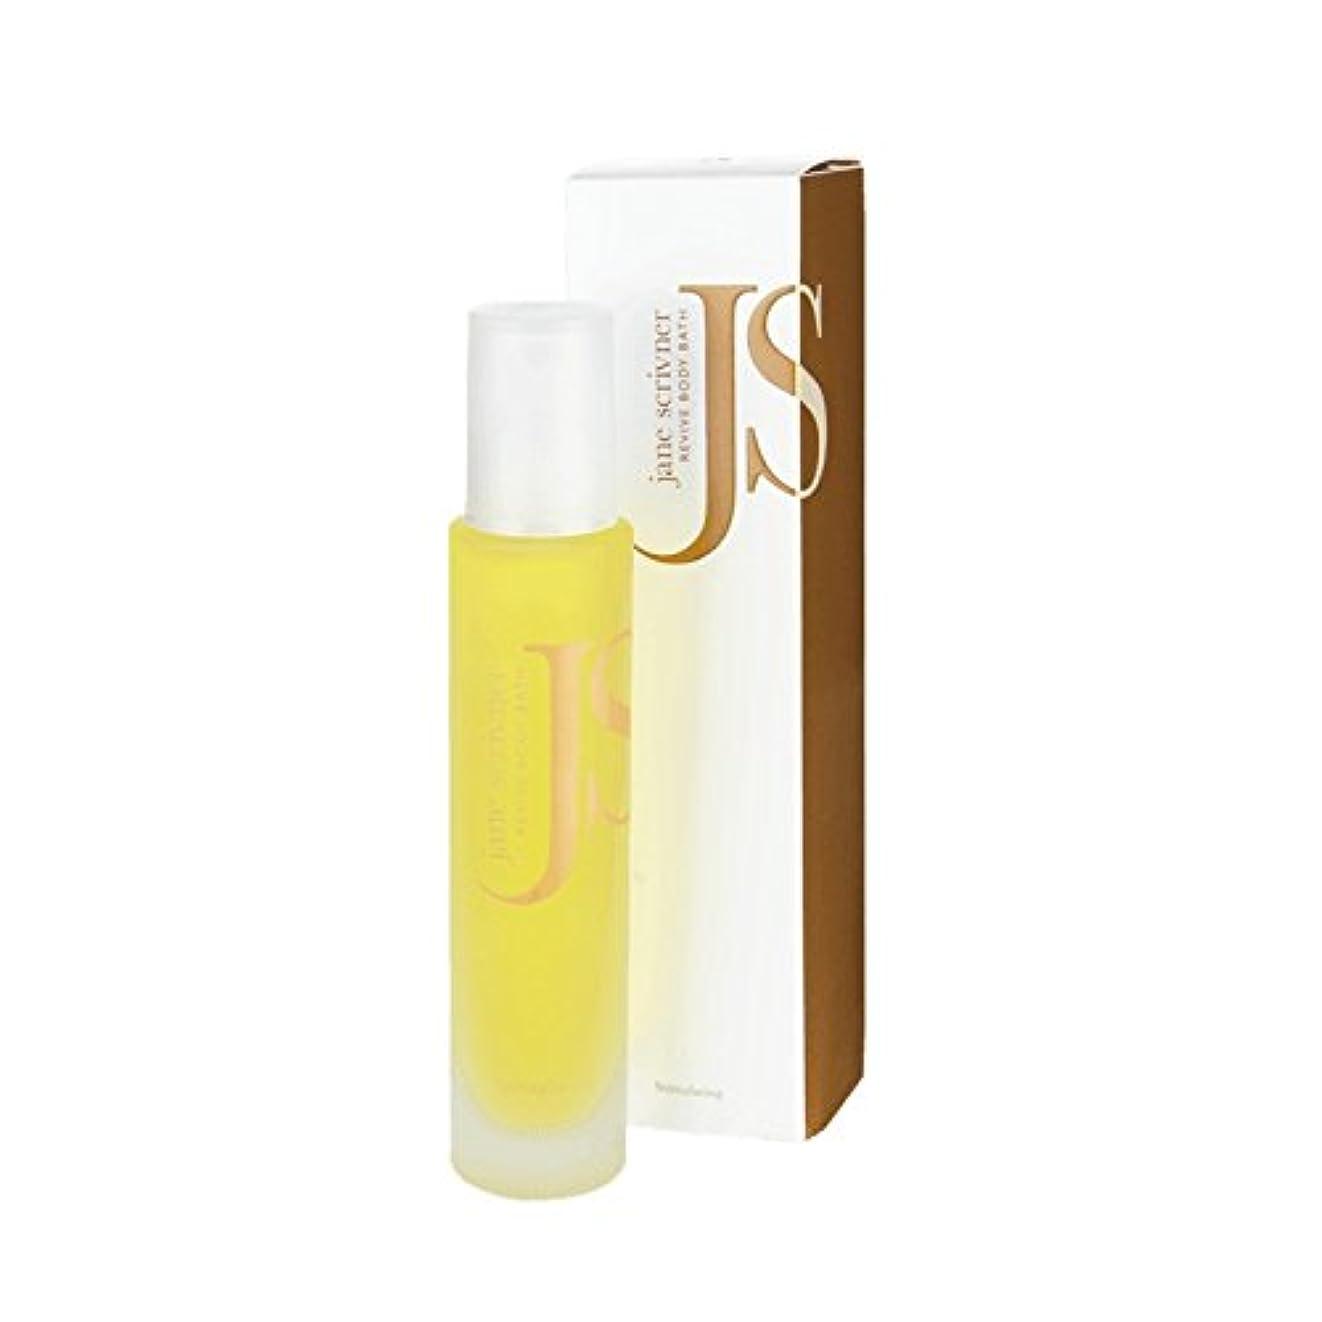 締め切り計り知れない等々Jane Scrivner Body Bath Oil Revive 100ml (Pack of 2) - ジェーンScrivnerボディバスオイル100ミリリットルを復活させます (x2) [並行輸入品]